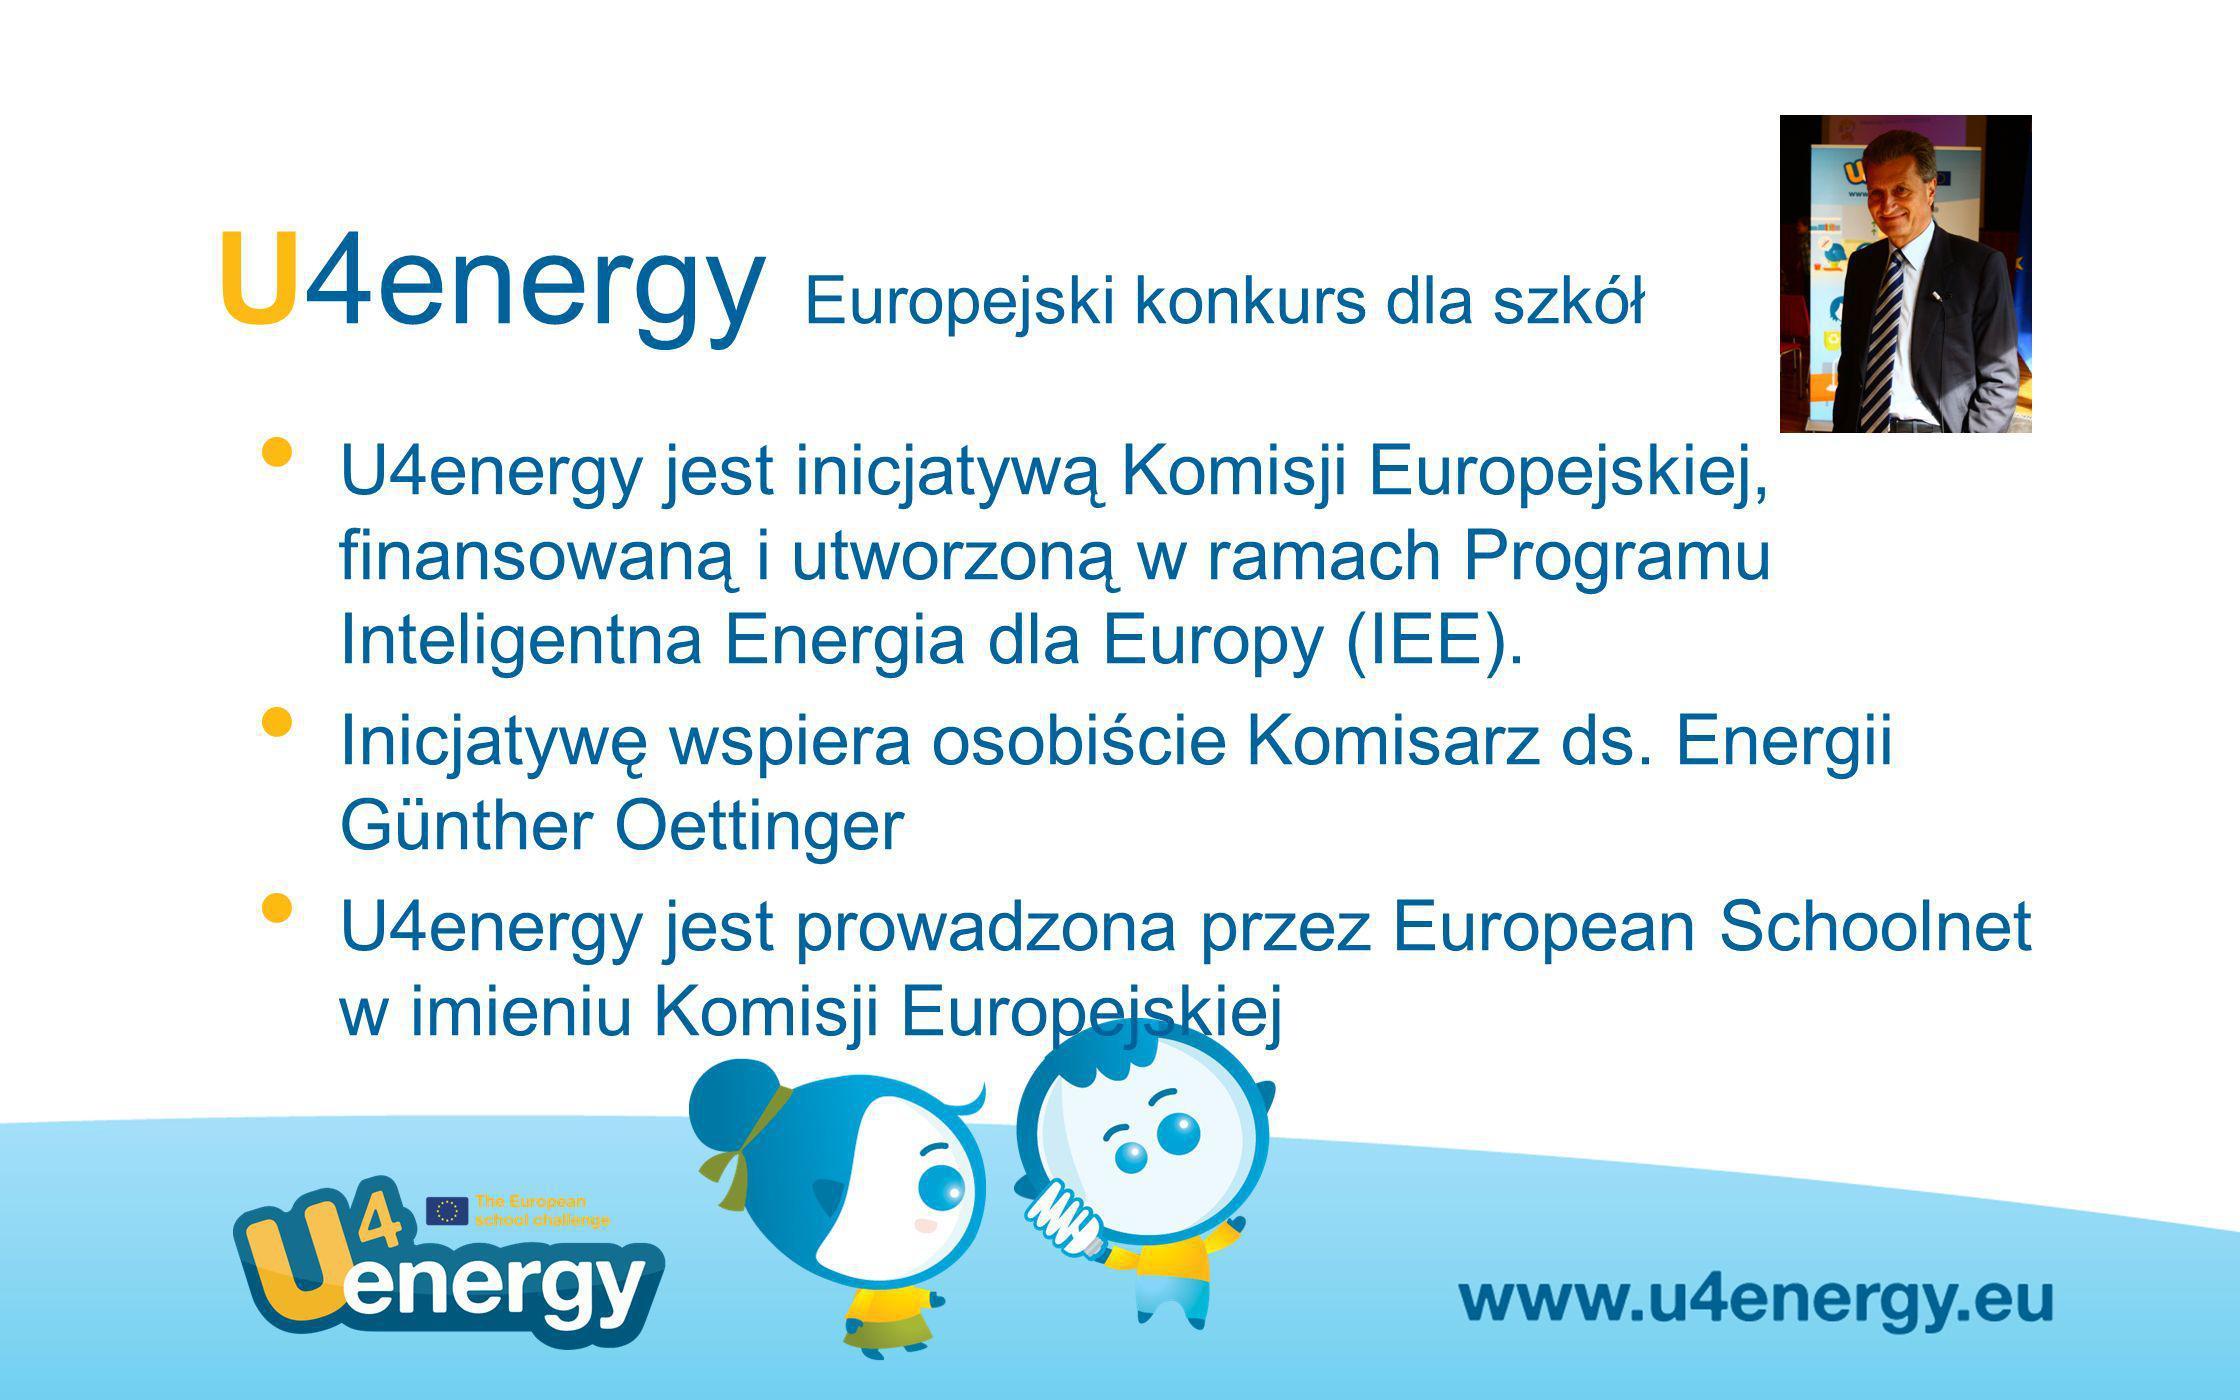 U4energy Europejski konkurs dla szkół U4energy jest inicjatywą Komisji Europejskiej, finansowaną i utworzoną w ramach Programu Inteligentna Energia dl